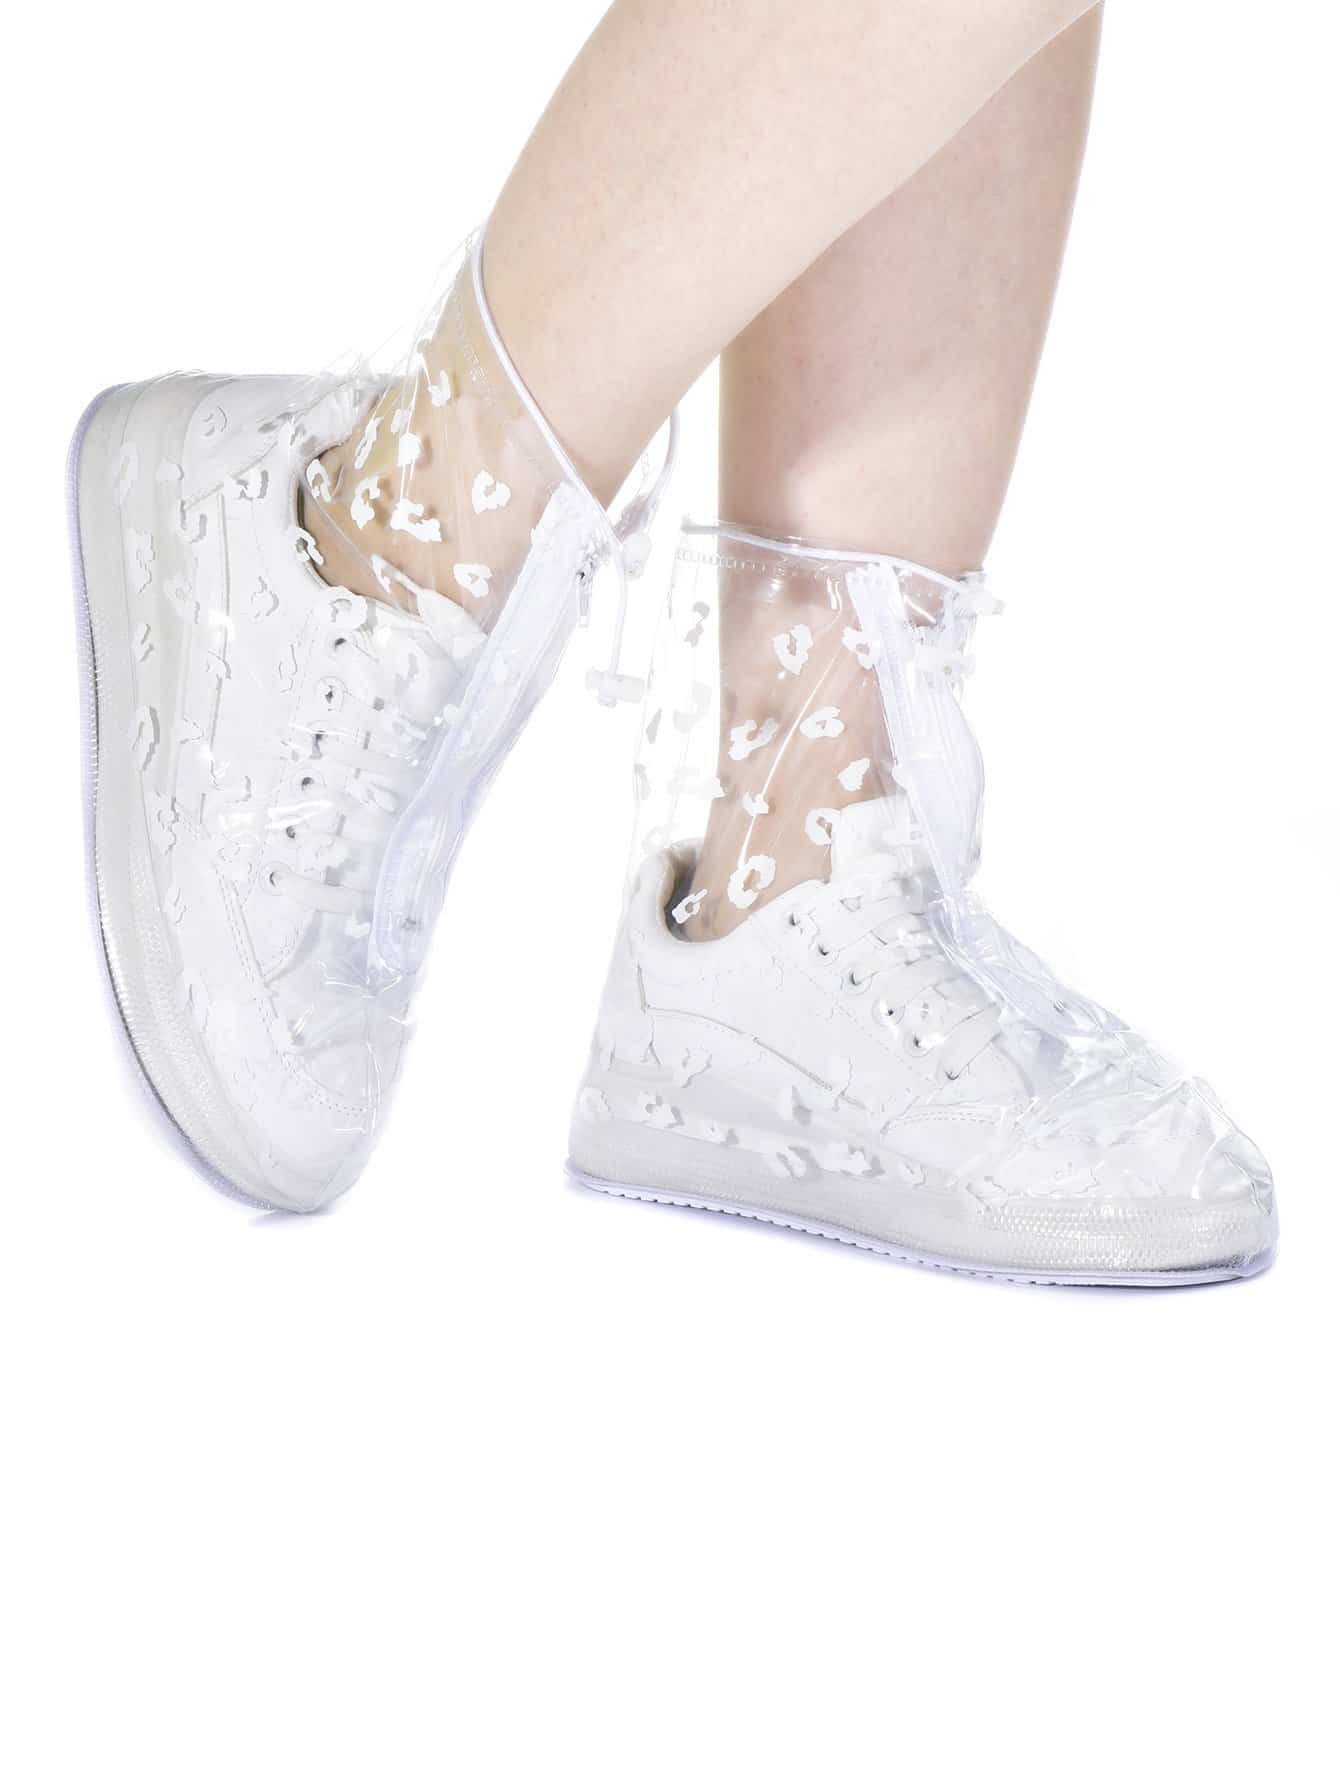 Imprimé Floral Chaussures Imperméables Couverture